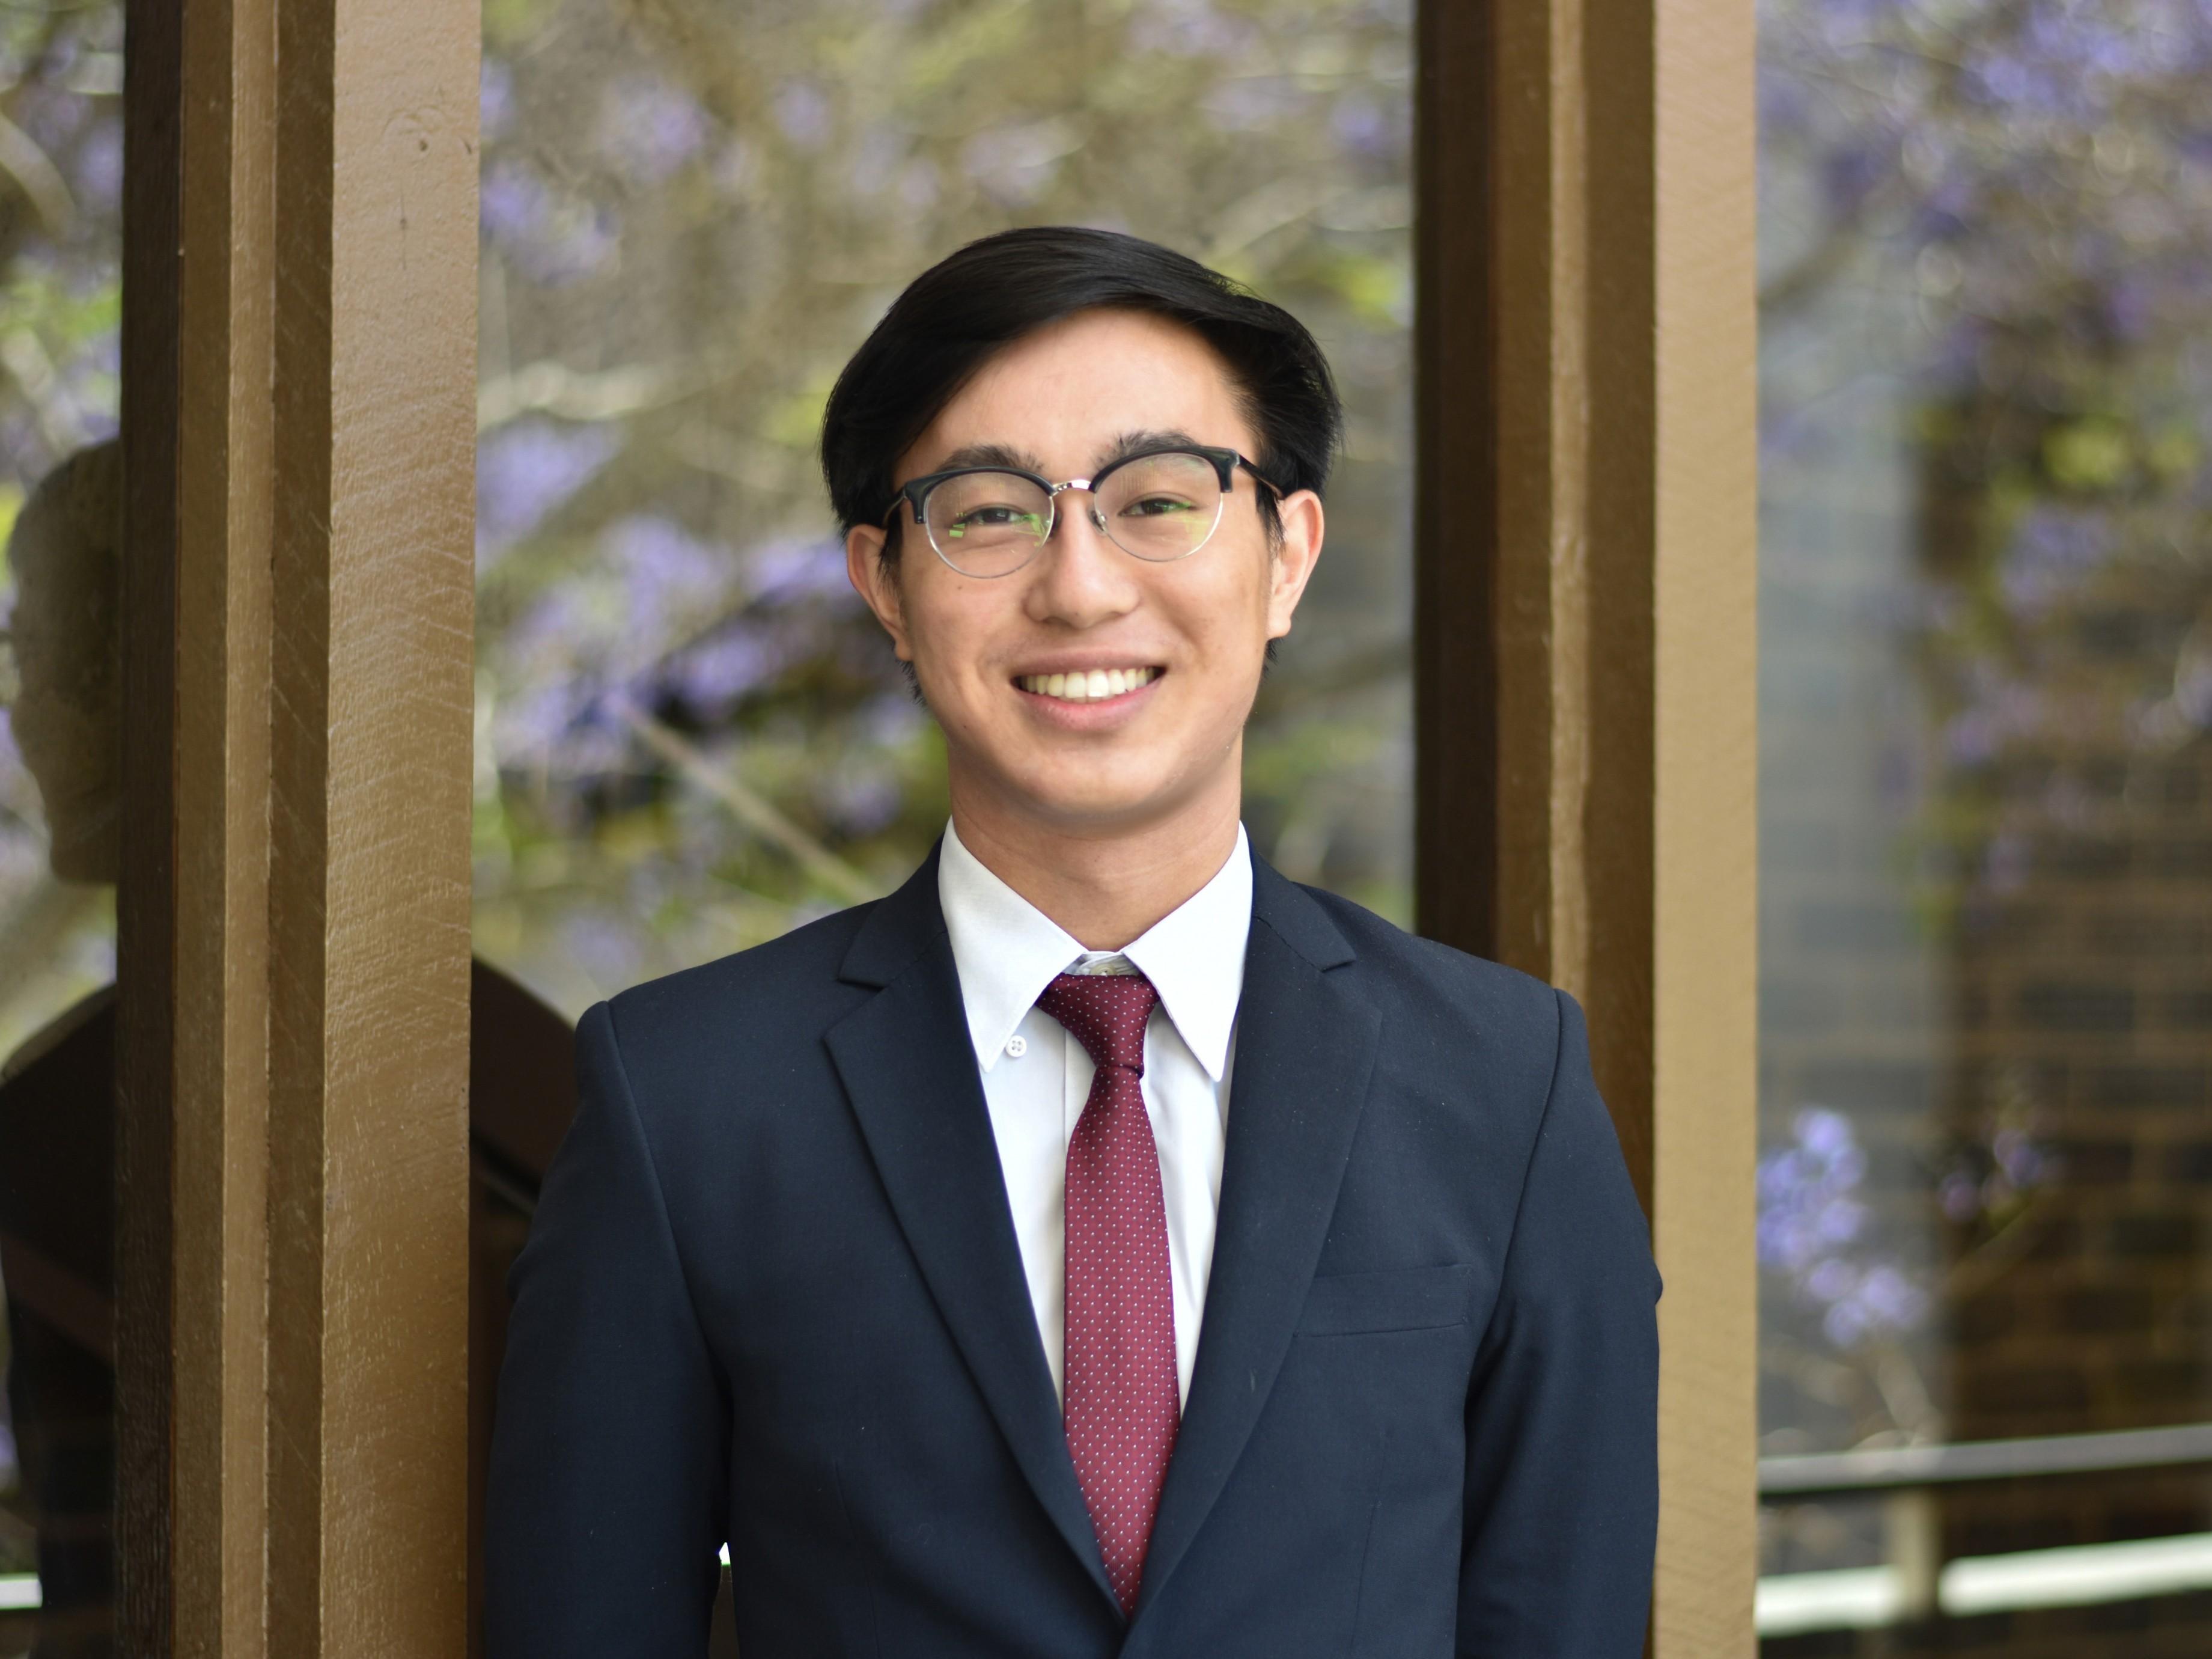 Travis Wu